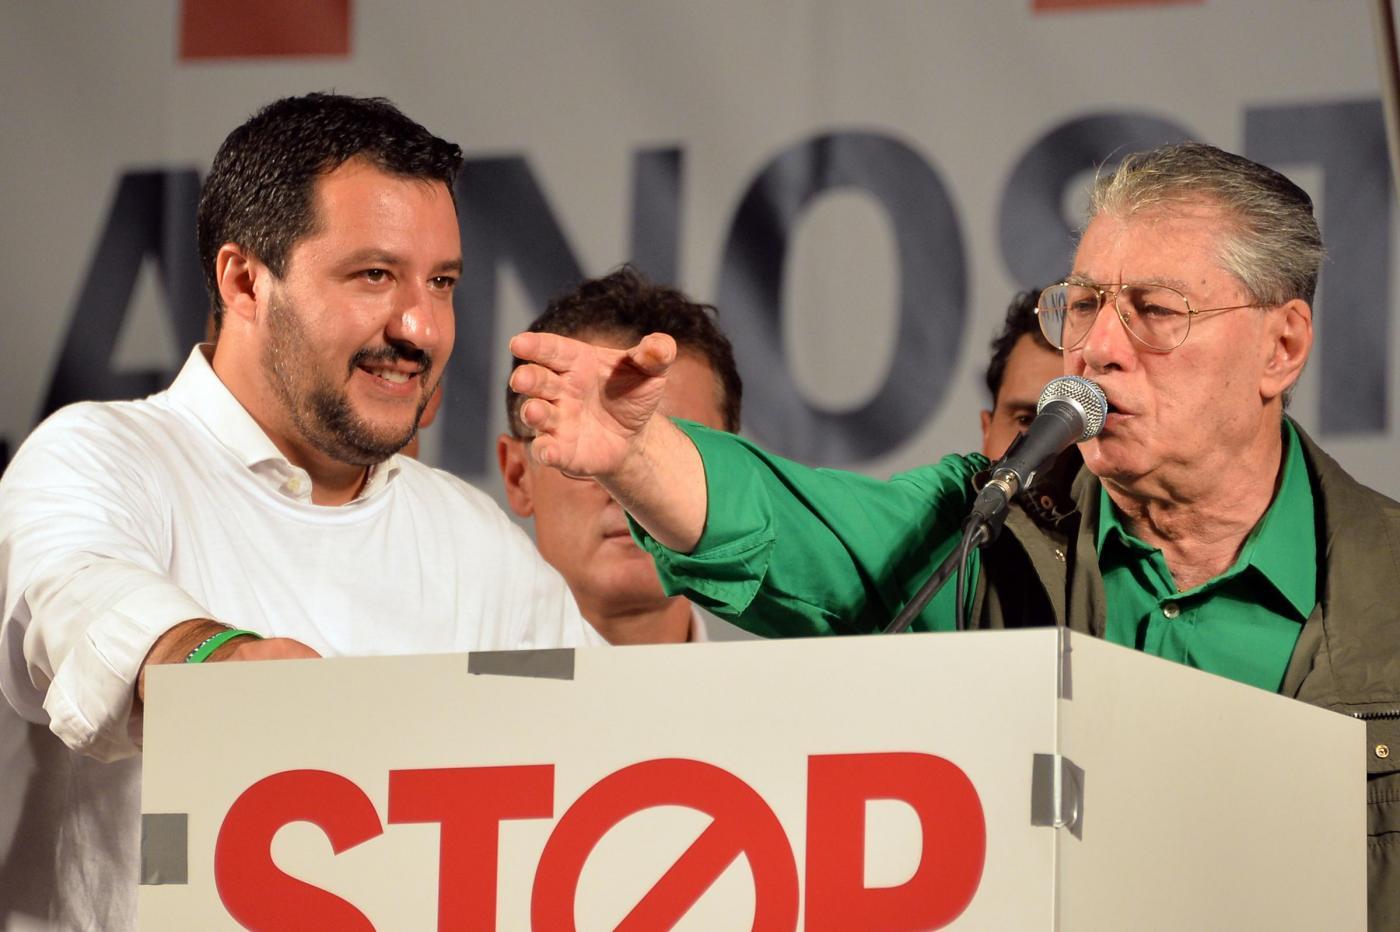 Politici italiani non laureati (di destra e di sinistra)